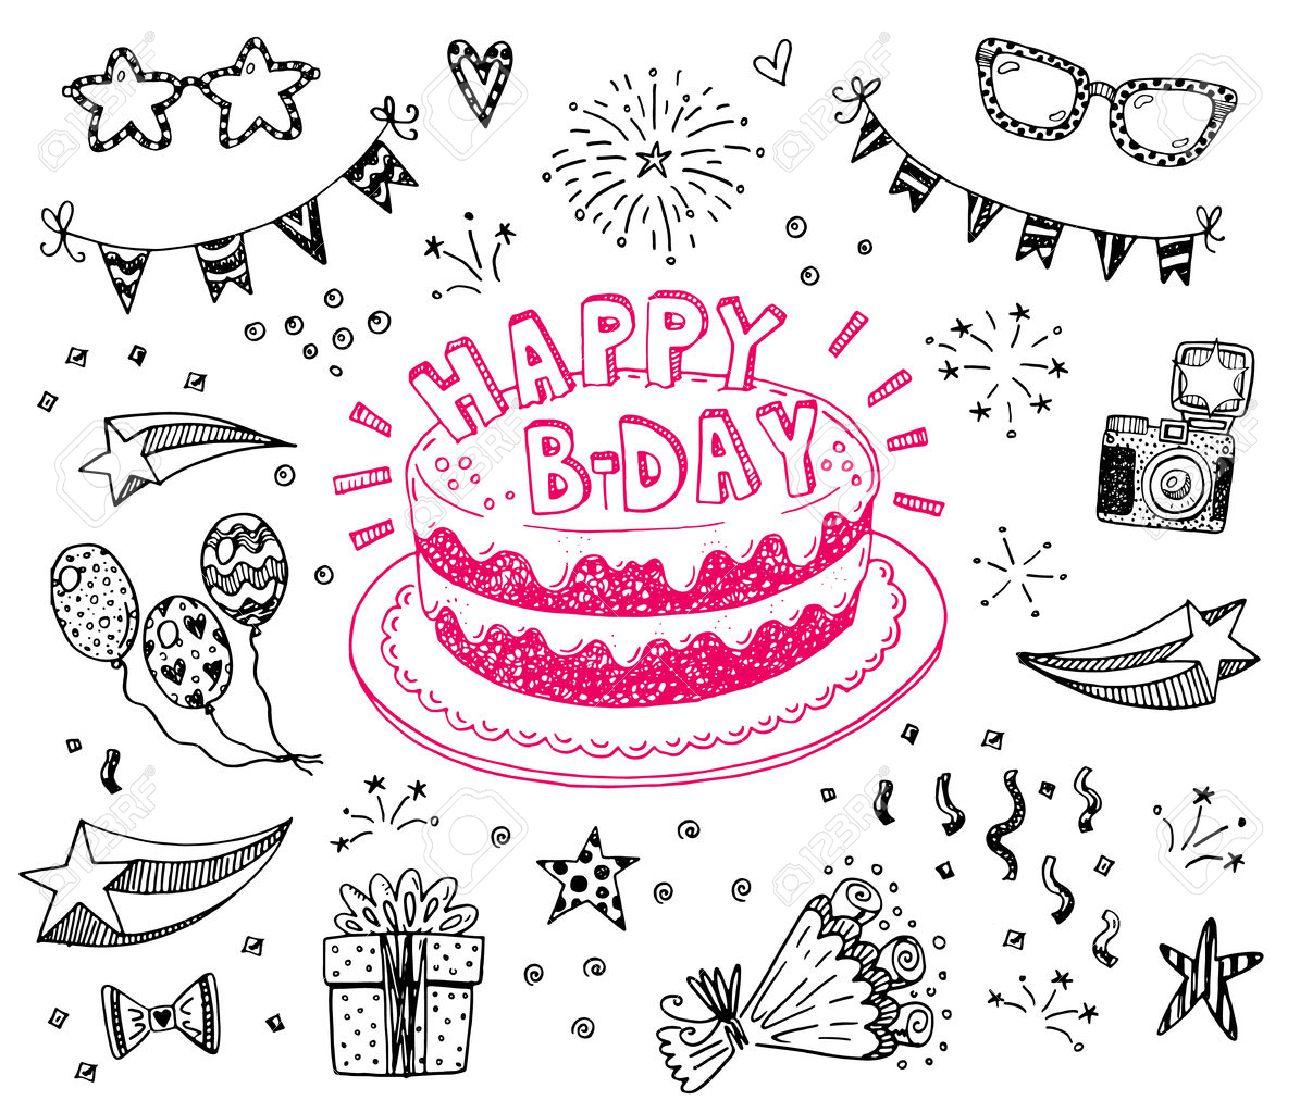 Feliz Cumpleanos Dibujado A Mano Conjunto De Dibujos Con La Torta